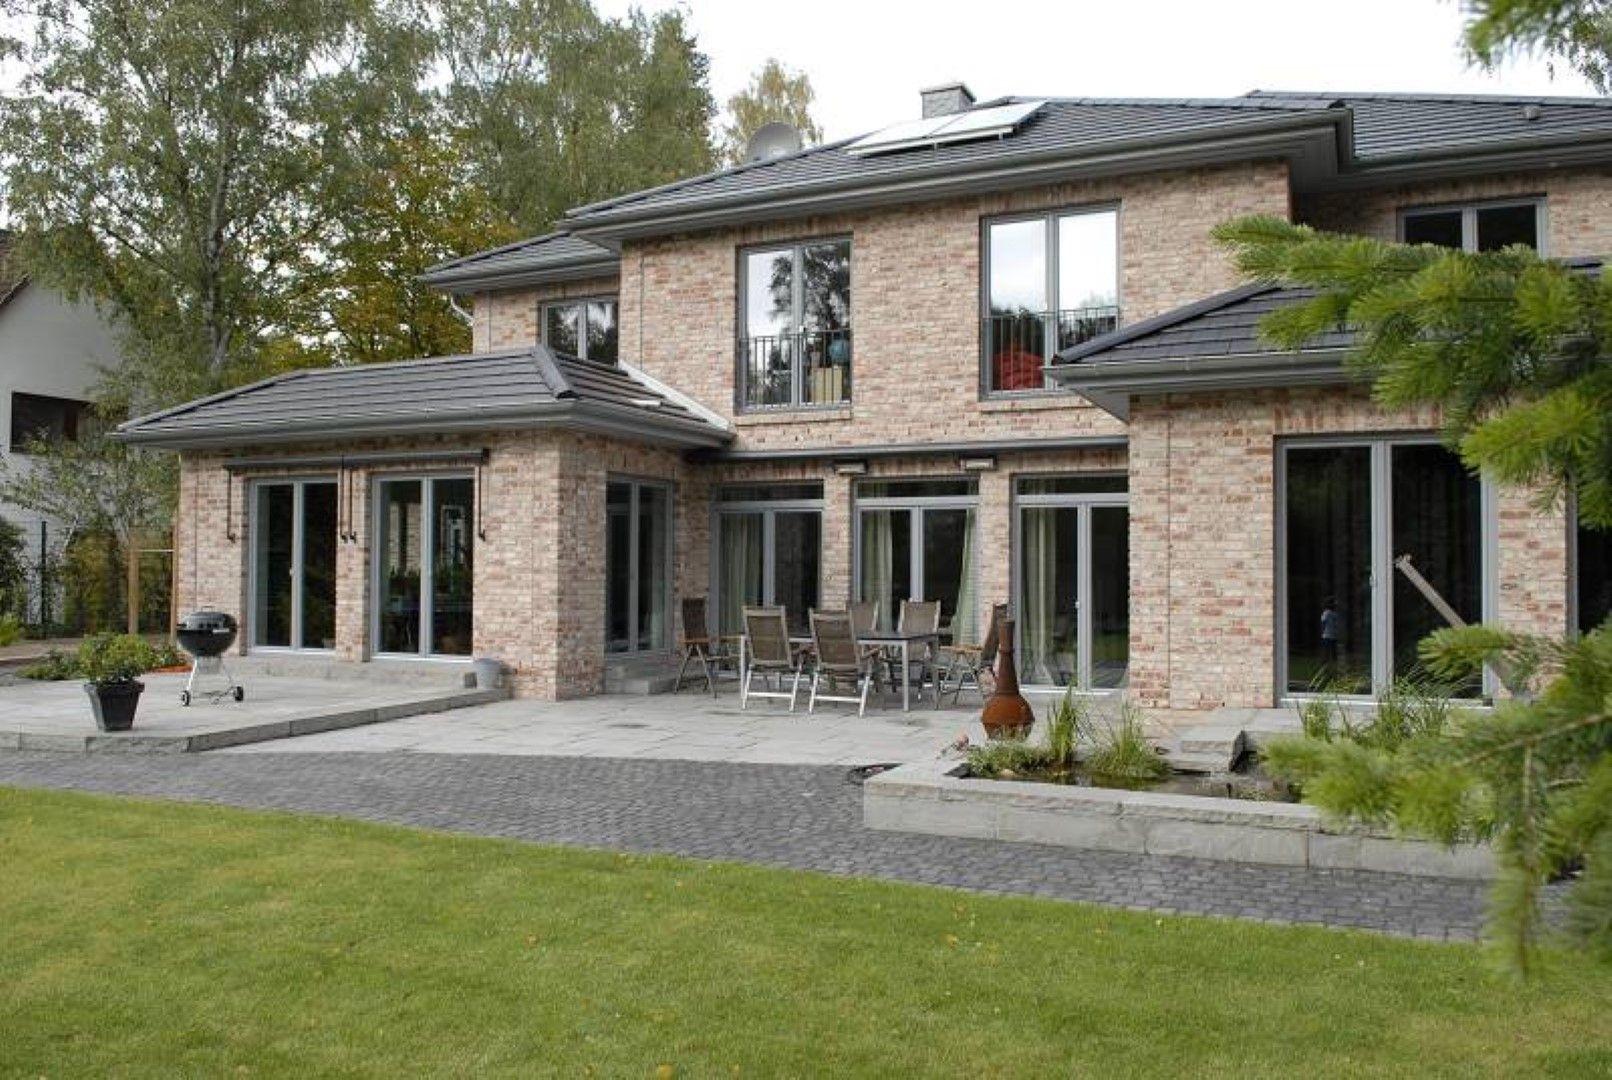 Eine große Stadtvilla mit bodentiefen Elementen in einem schönem Grauton! #housegoals